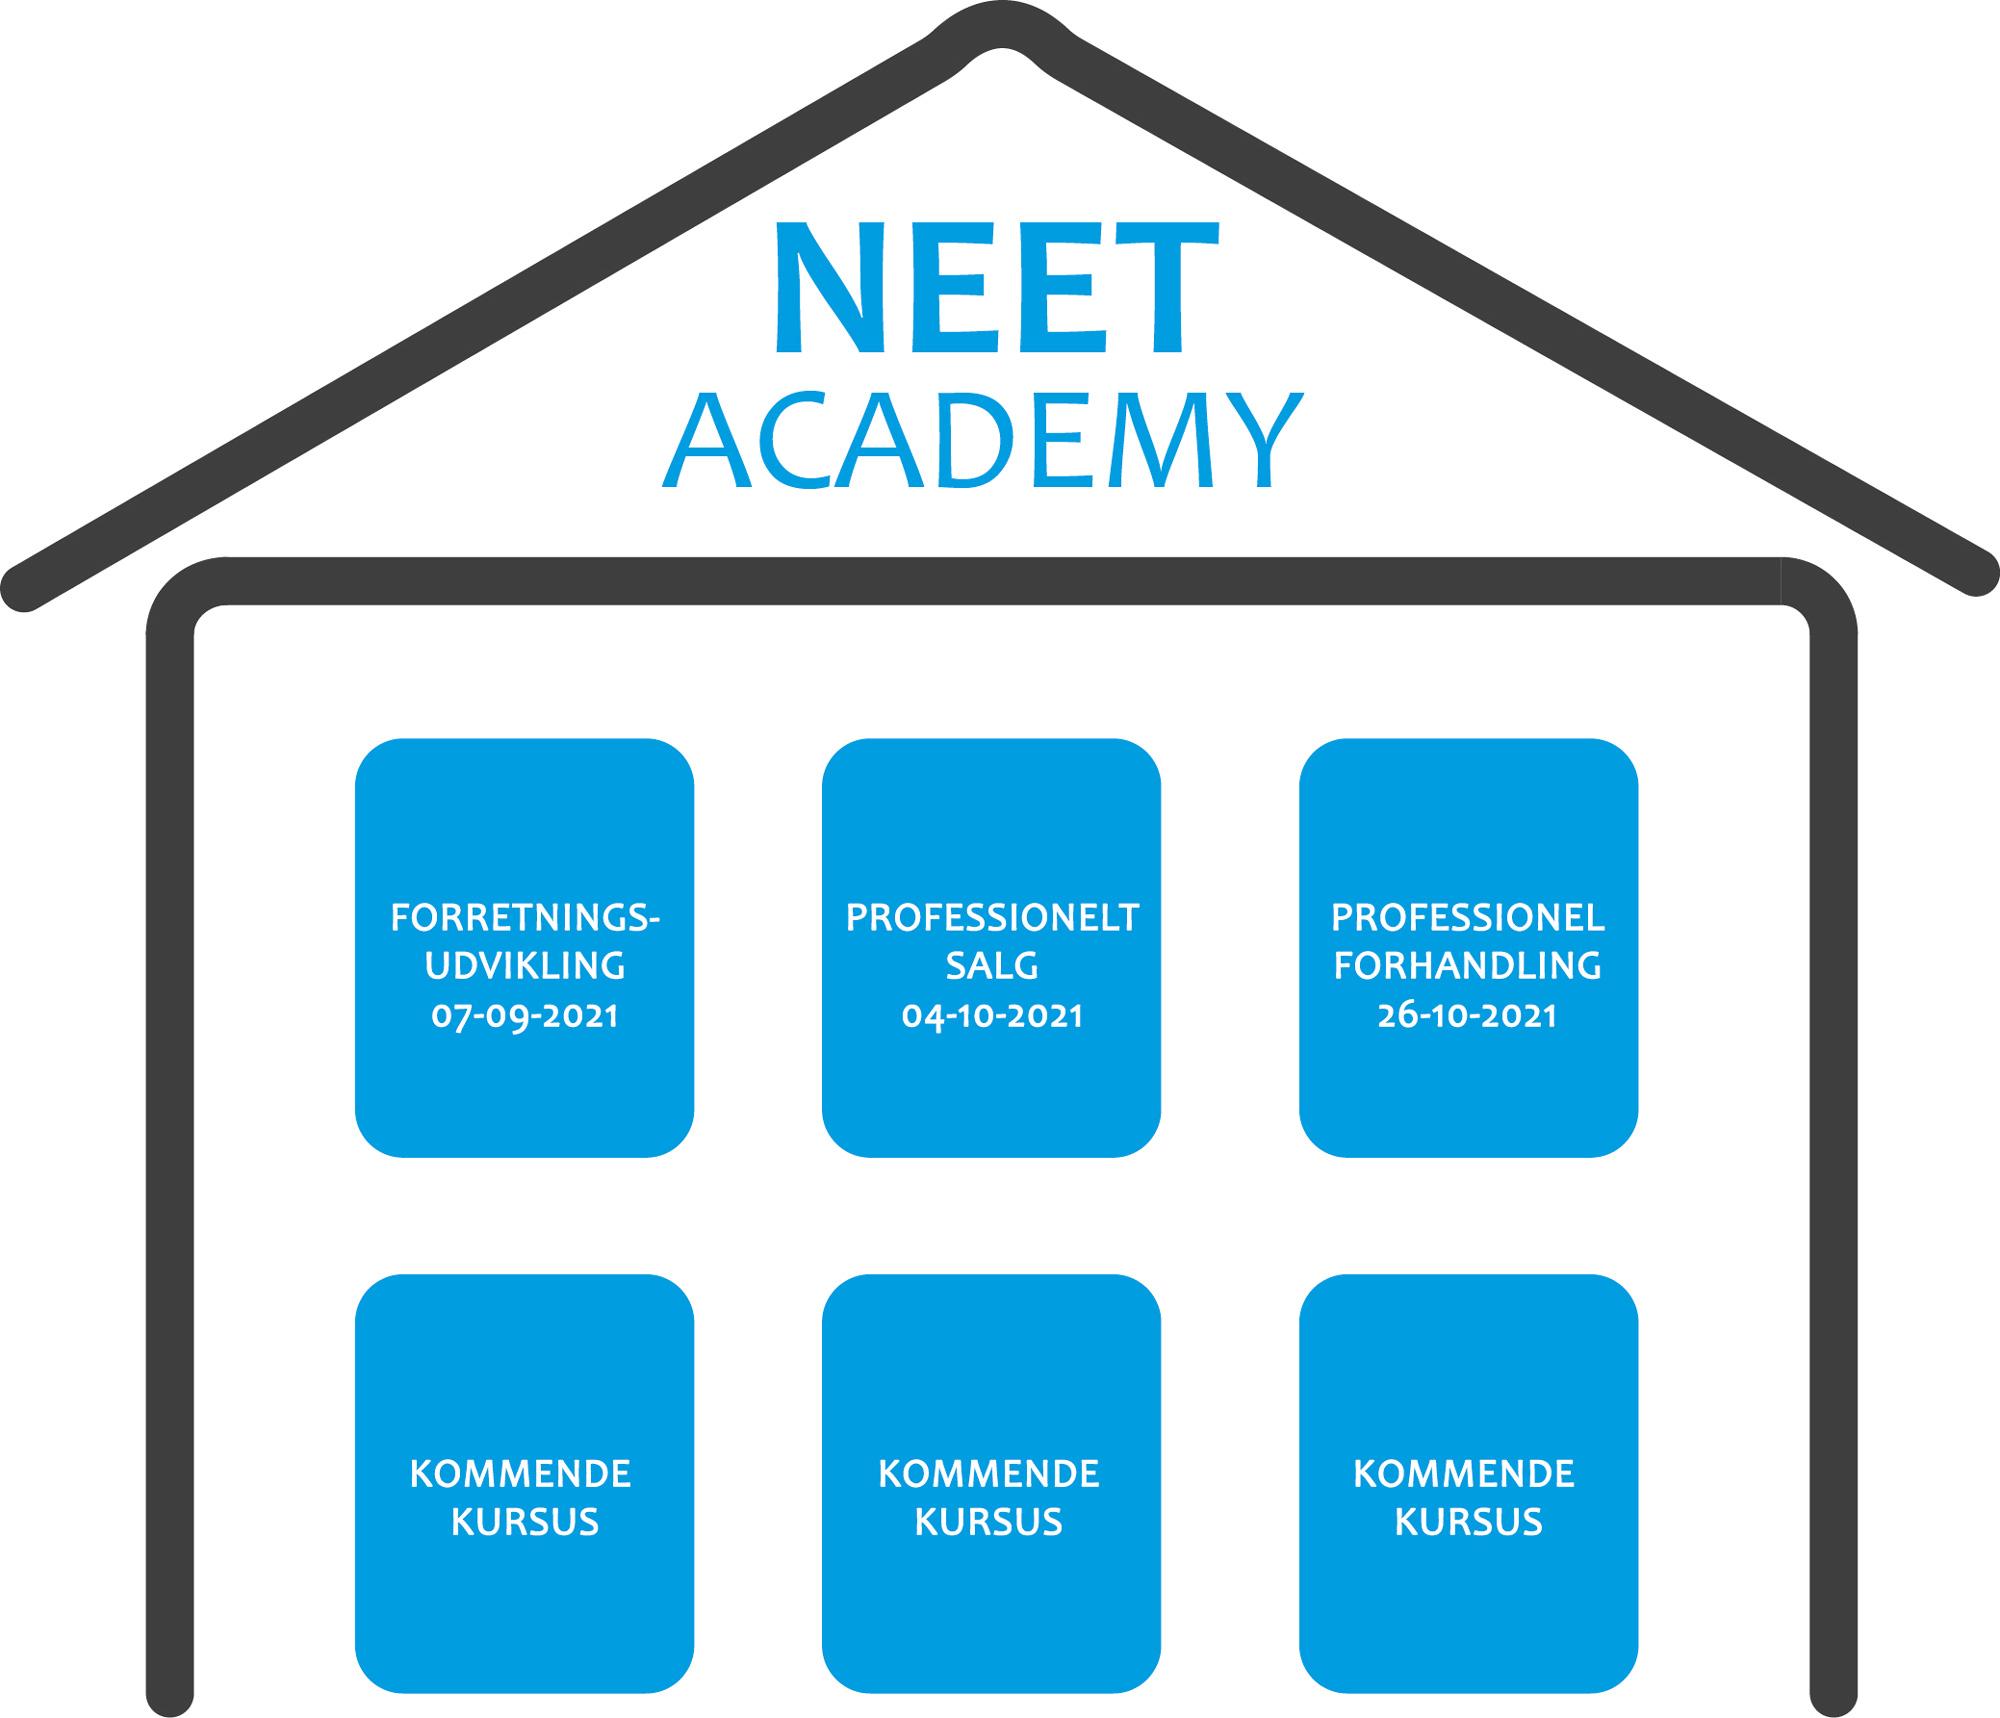 NEET Academy 3 kurser